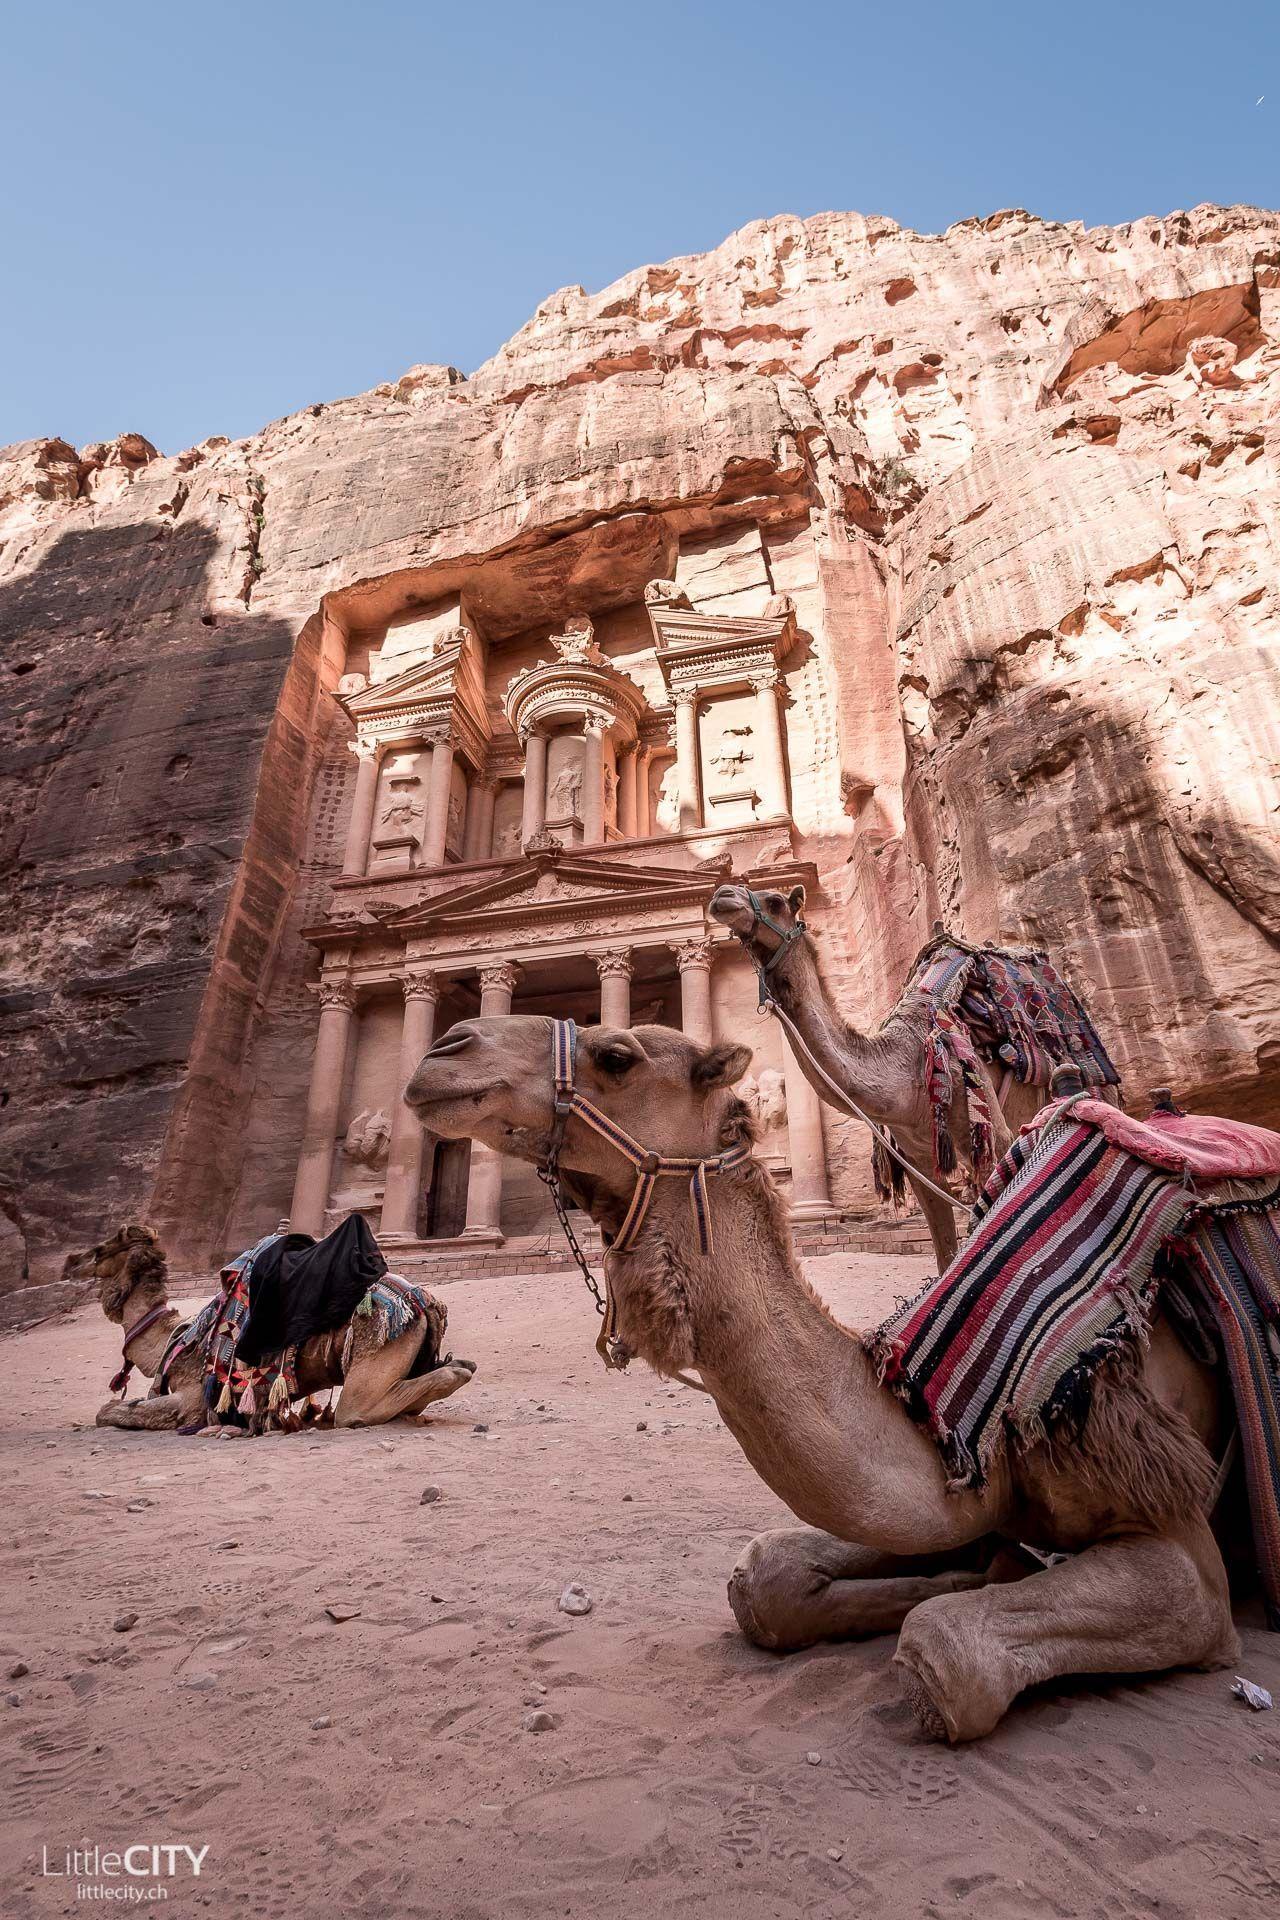 Petra Jordanien Hilfreiche Reisetipps Spannende Fakten Petrajordan Petra Jordanien Reisetipp Fakten Bauwe City Of Petra Petra Jordan Petra Jordan Travel